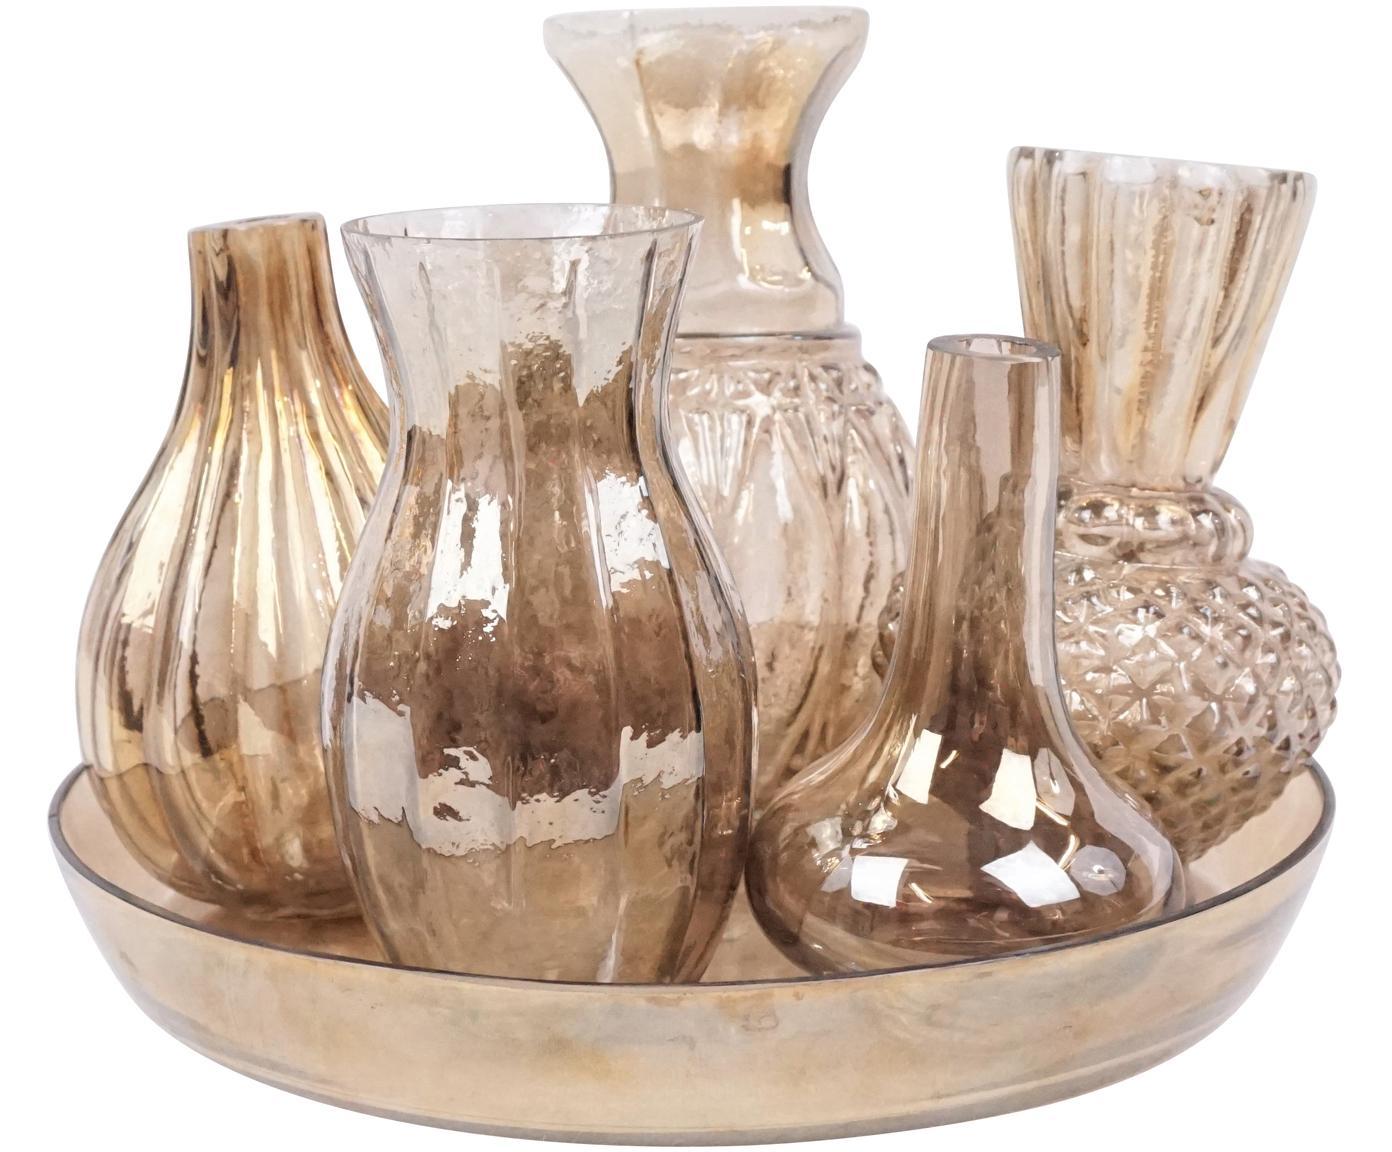 Set 6 vasi in vetro Poesie, Vetro, Dorato, Set in varie misure